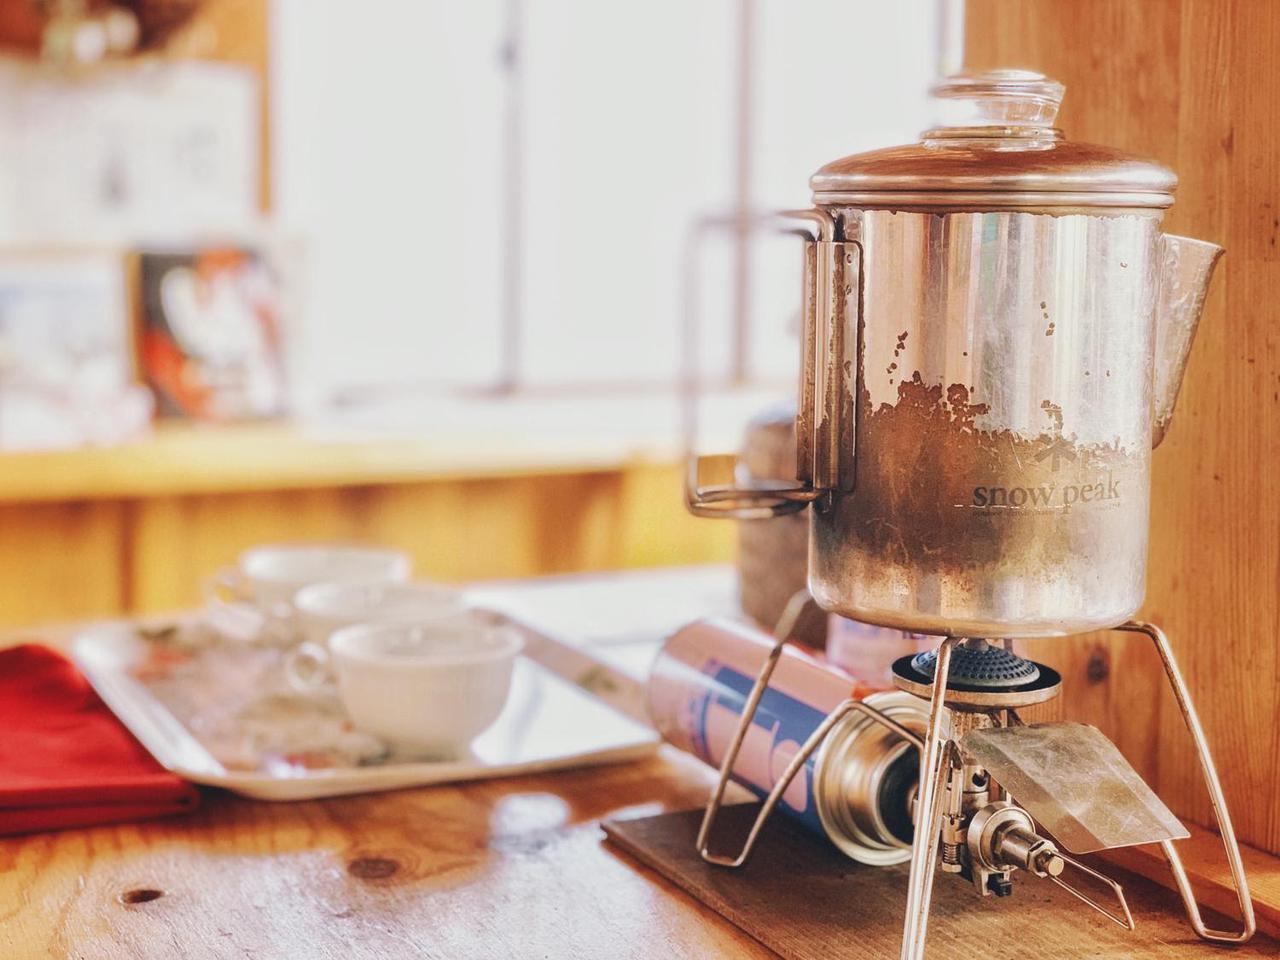 画像: キャンプにおすすめのパーコレーターを紹介! パーコレーターで美味しいコーヒー時間を - ハピキャン(HAPPY CAMPER)